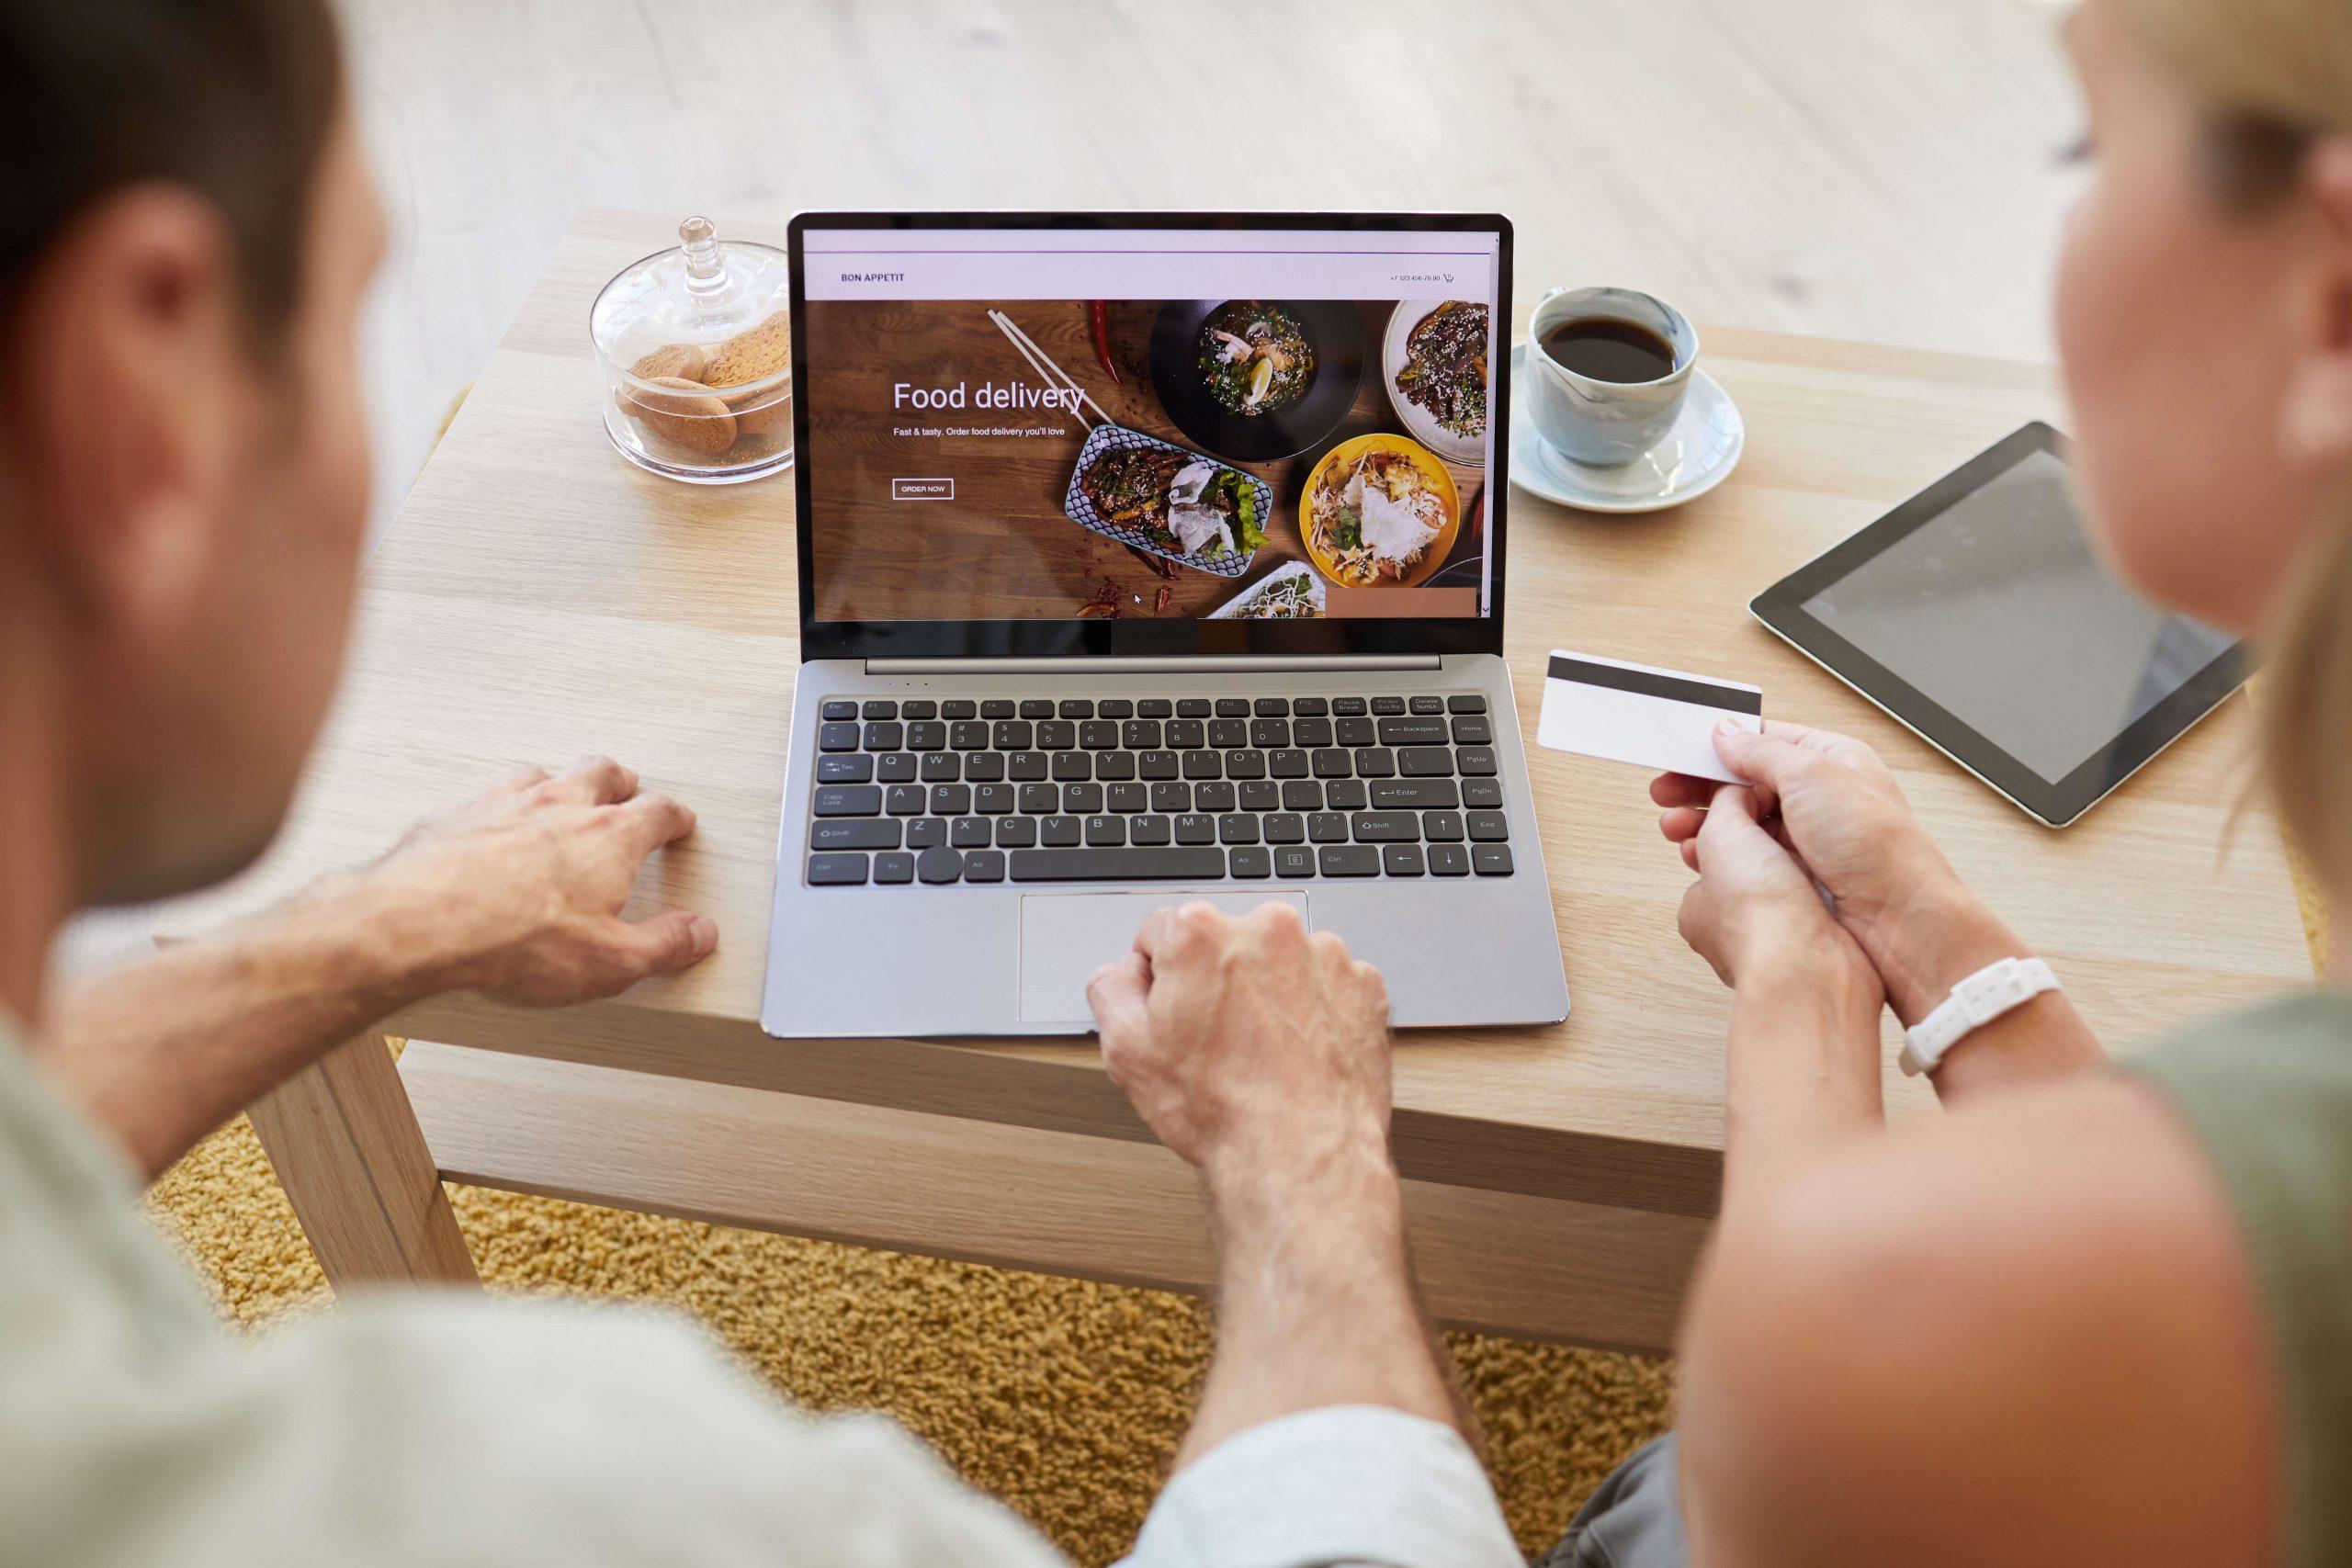 היתרונות לתפריט אונליין למסעדה שלך